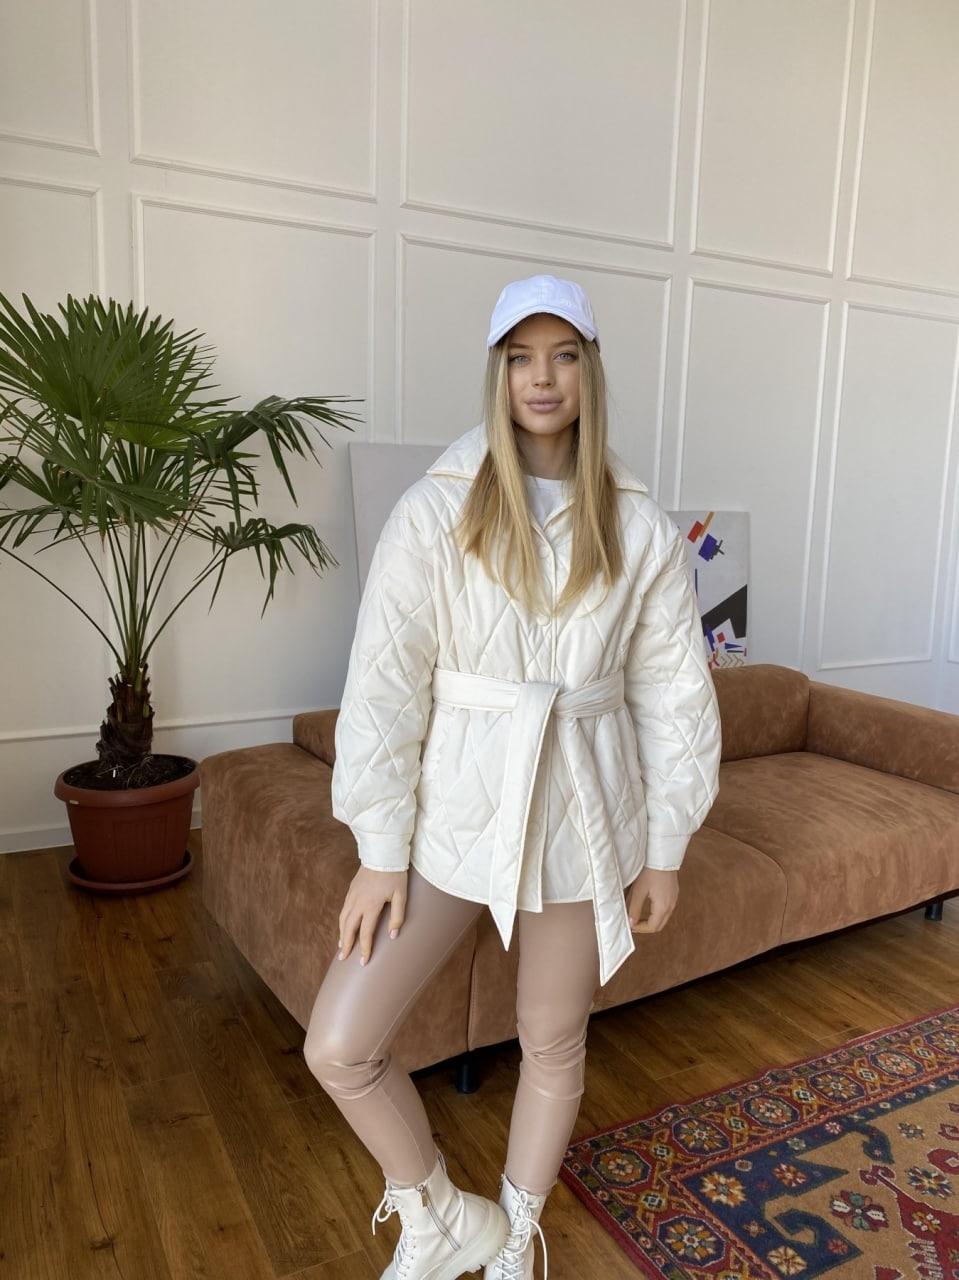 Монокуртка из плащевой ткани Ammy 10972 АРТ. 47632 Цвет: Молоко 1 - фото 2, интернет магазин tm-modus.ru